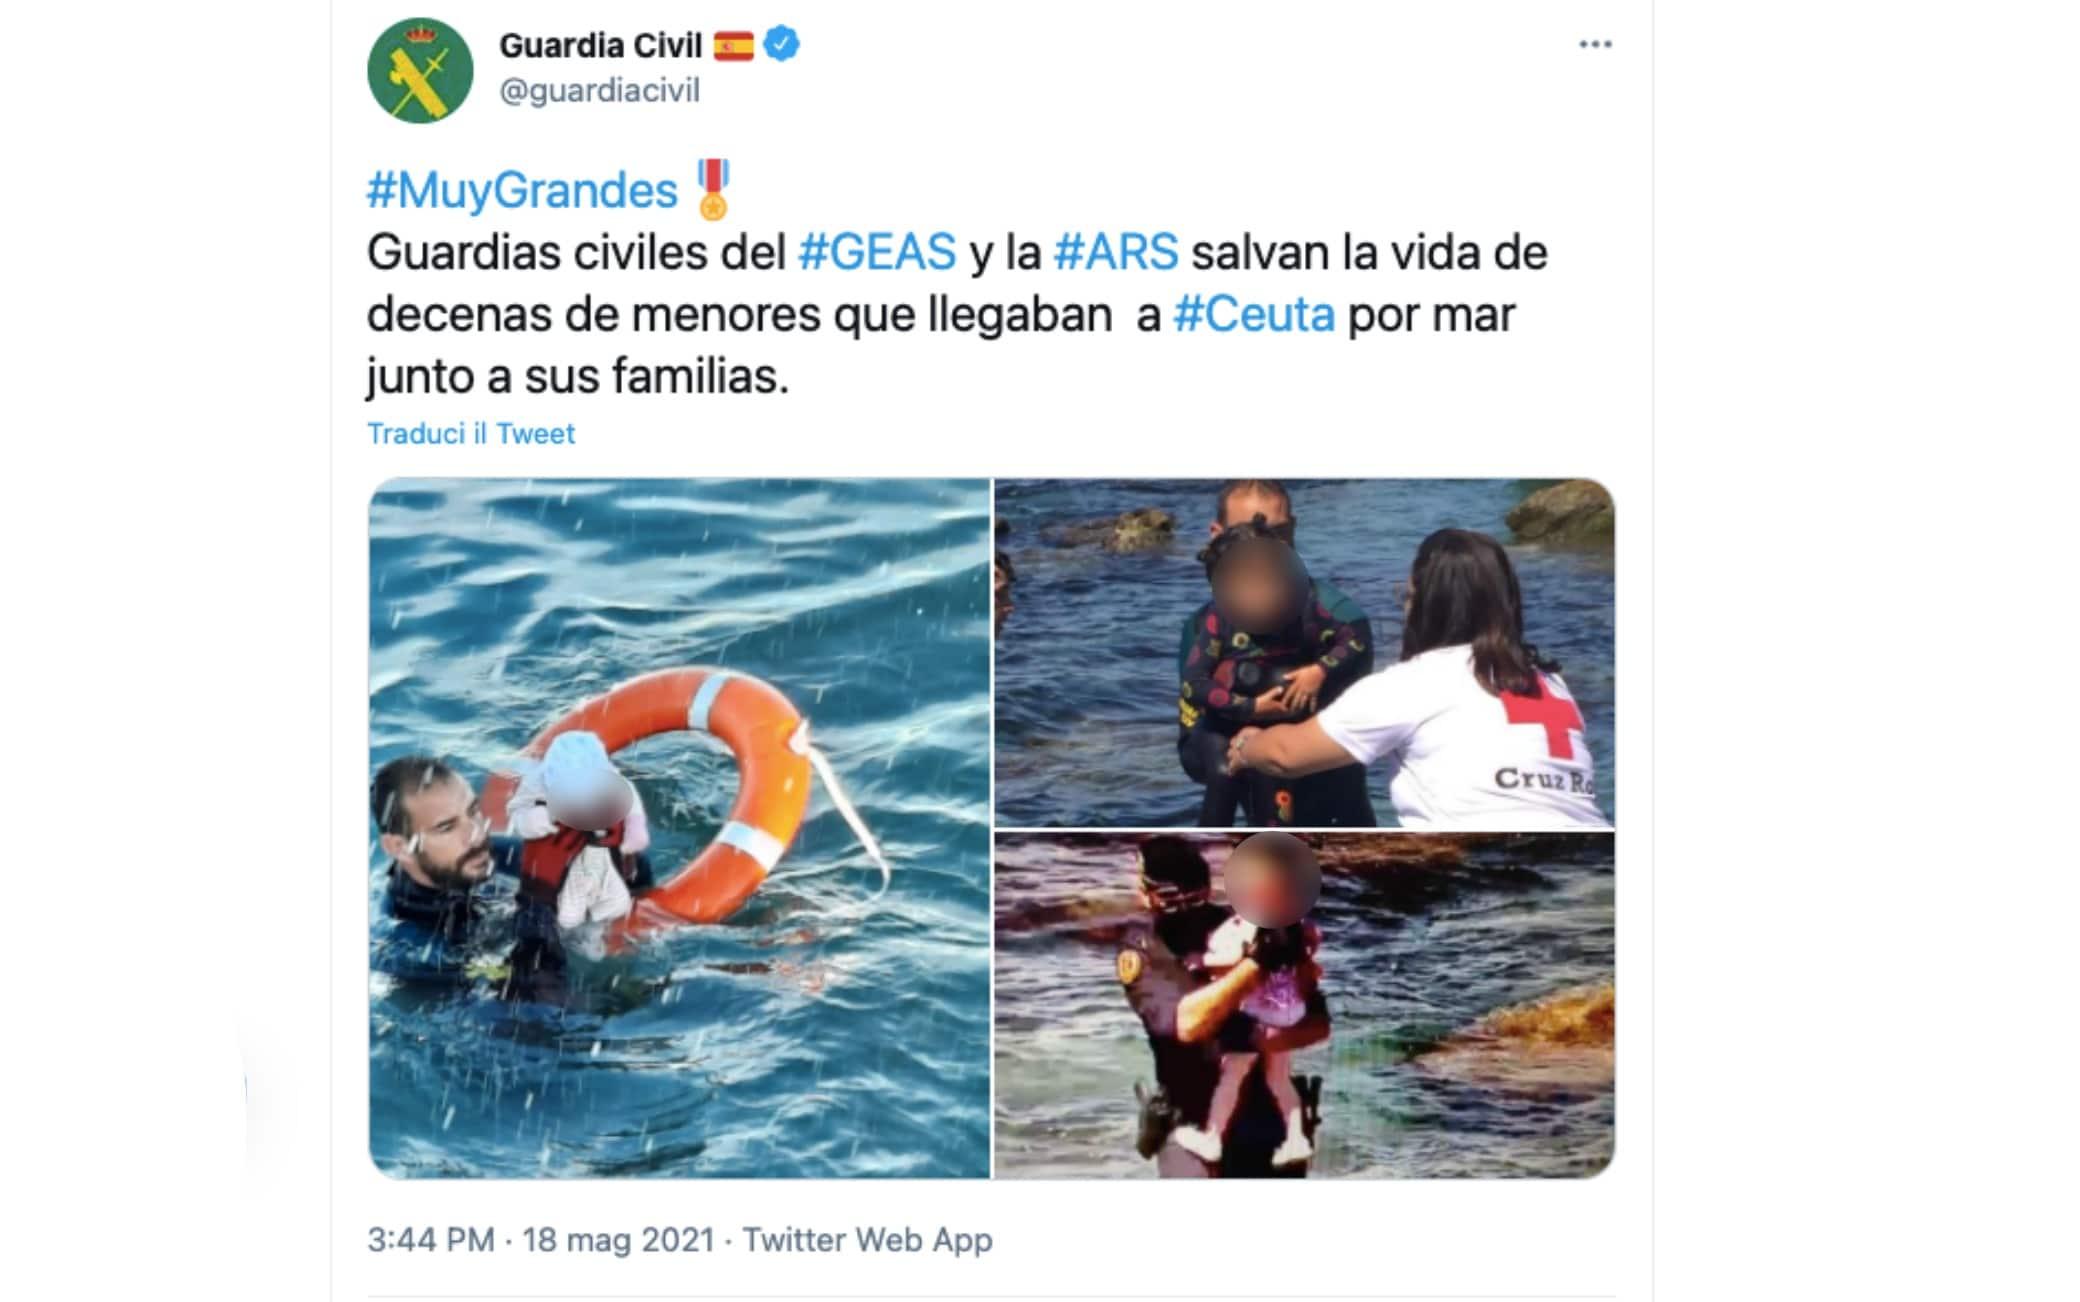 Agenti della Guardia Civil salvano alcuni bambini durante l'emergenza migratoria a Ceuta